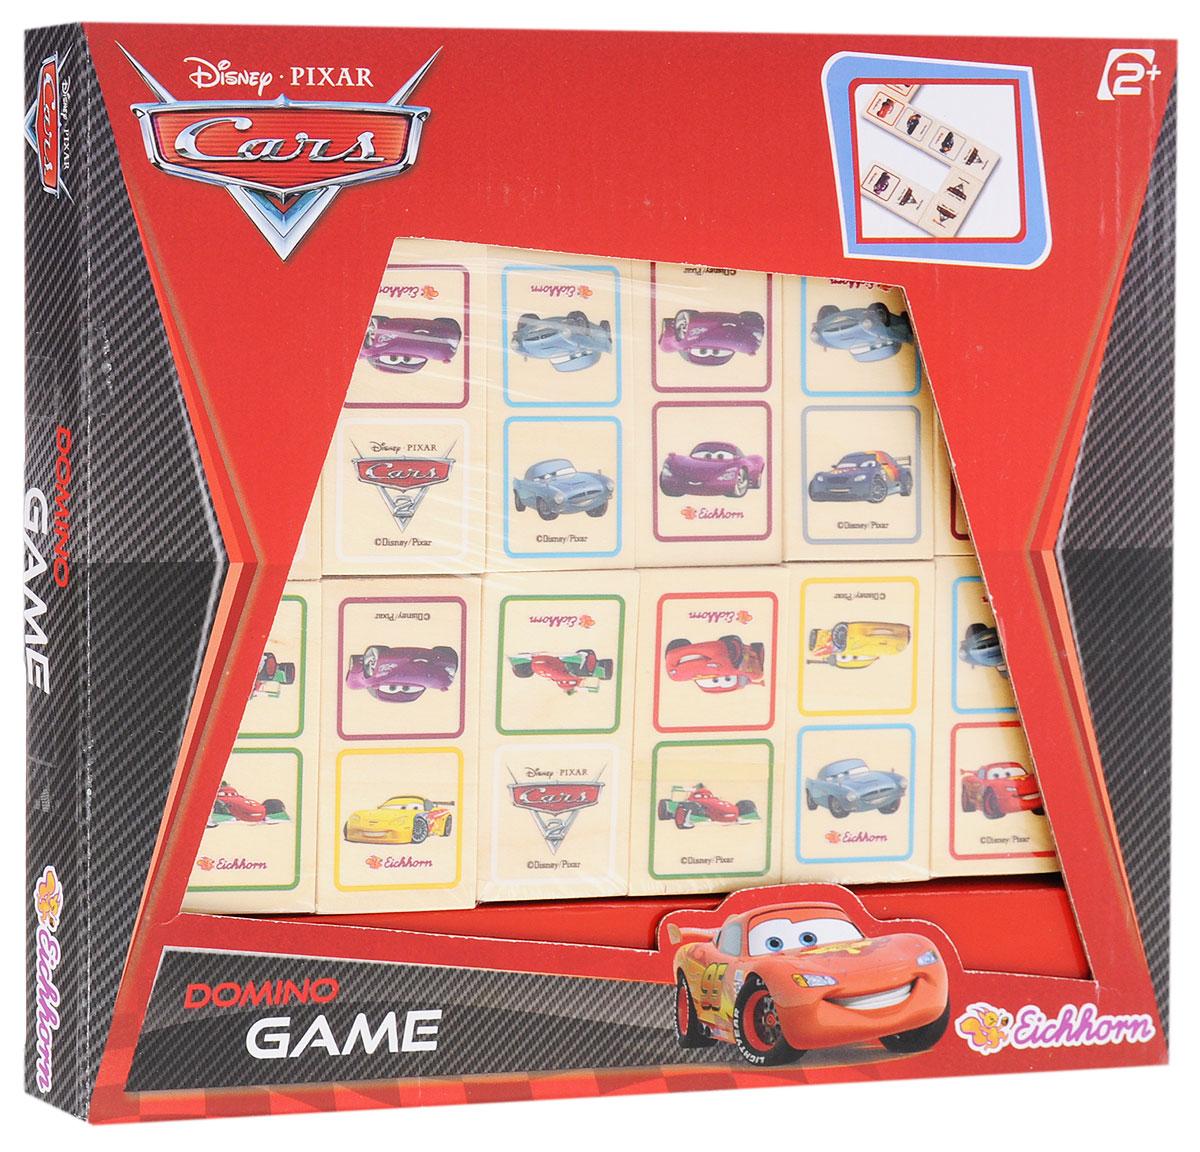 Eichhorn Настольная игра Домино Тачки3283Домино - увлекательная игра с яркими изображениями героев диснеевского мультфильма Тачки. В наборе 28 элементов из натурального дерева с изображениями любимых веселых машинок. Домино - это великолепная логическая игра, развивающая сообразительность и внимательность. Она нравится как детям, так и взрослым, поэтому можно играть в нее большой дружной компанией. Игра способствует развитию внимания, наблюдательности, логического мышления, способности к анализу ситуации, усидчивости, развивает сенсомоторную координацию и мелкую моторику рук, способствует социальному развитию.